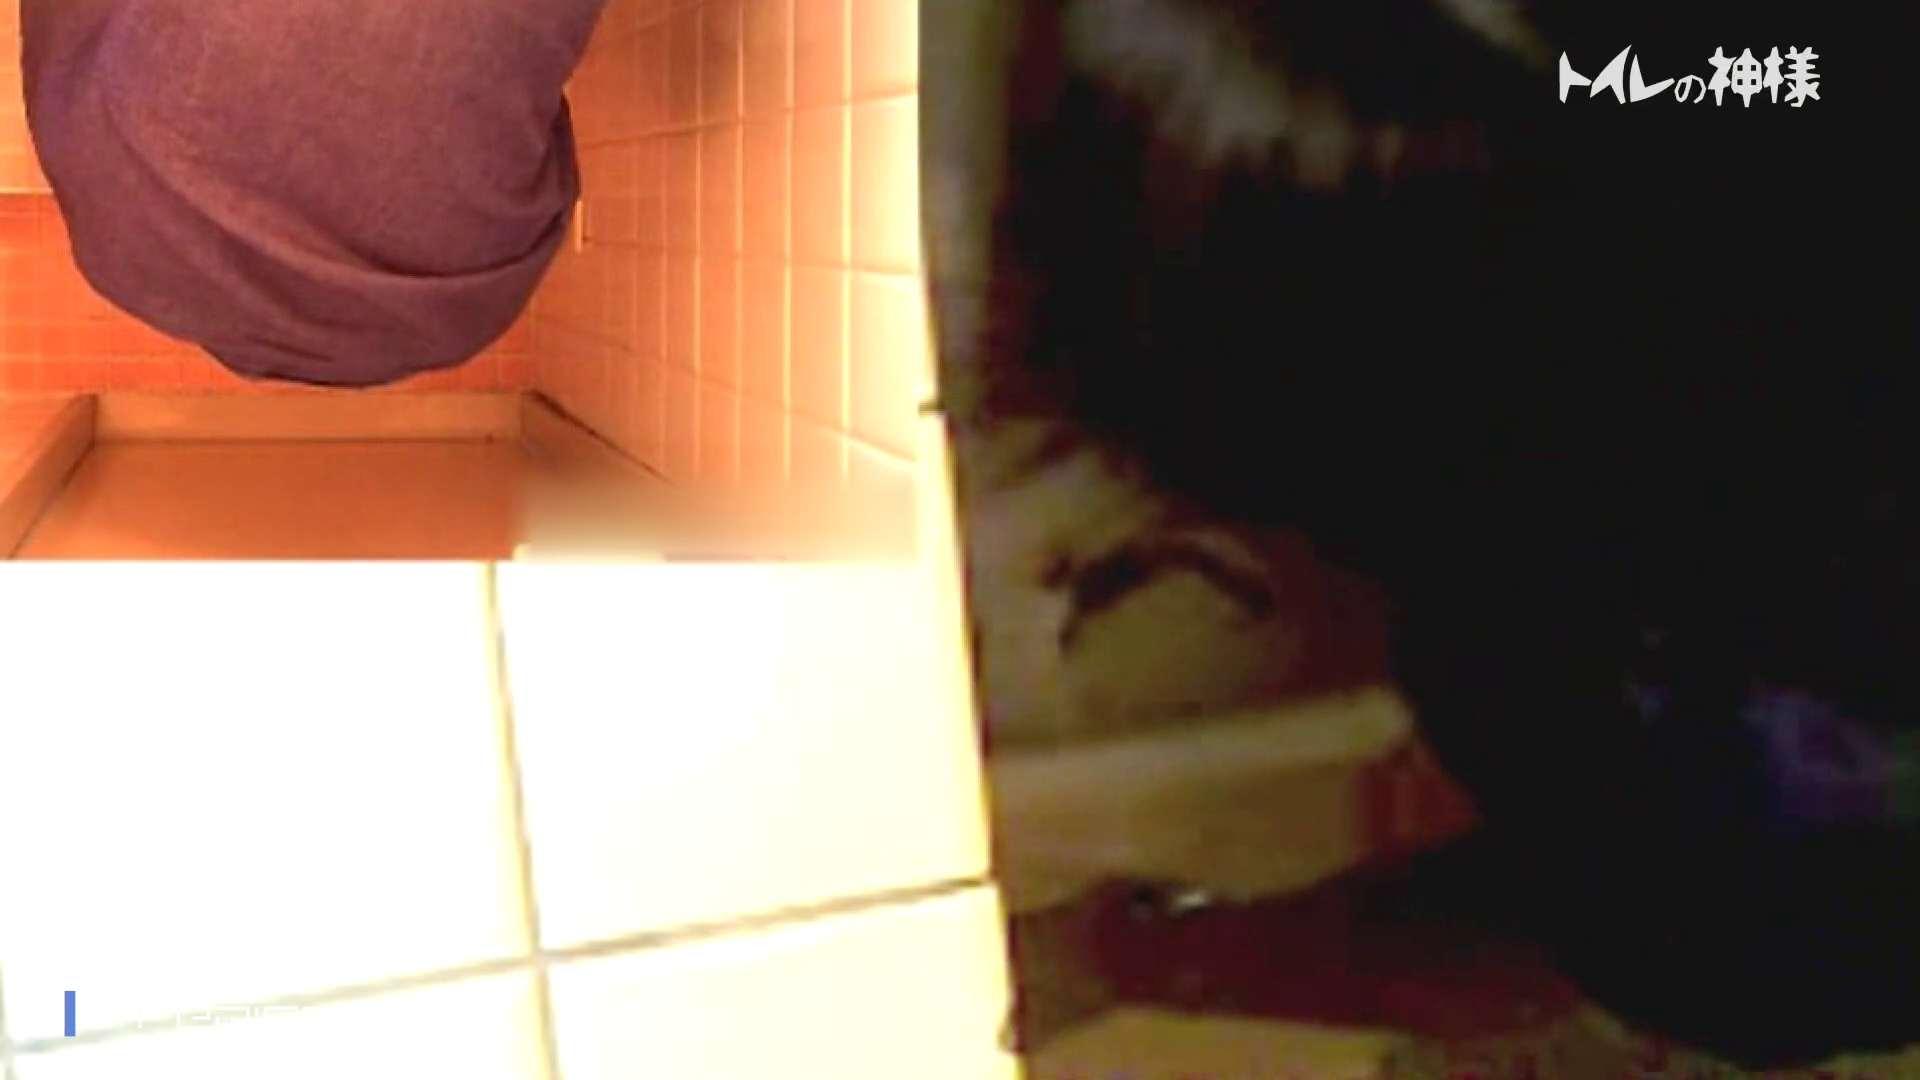 kyouko排泄 うんこをたくさん集めました。トイレの神様 Vol.14 OL   リアルすぎる排泄  83連発 26